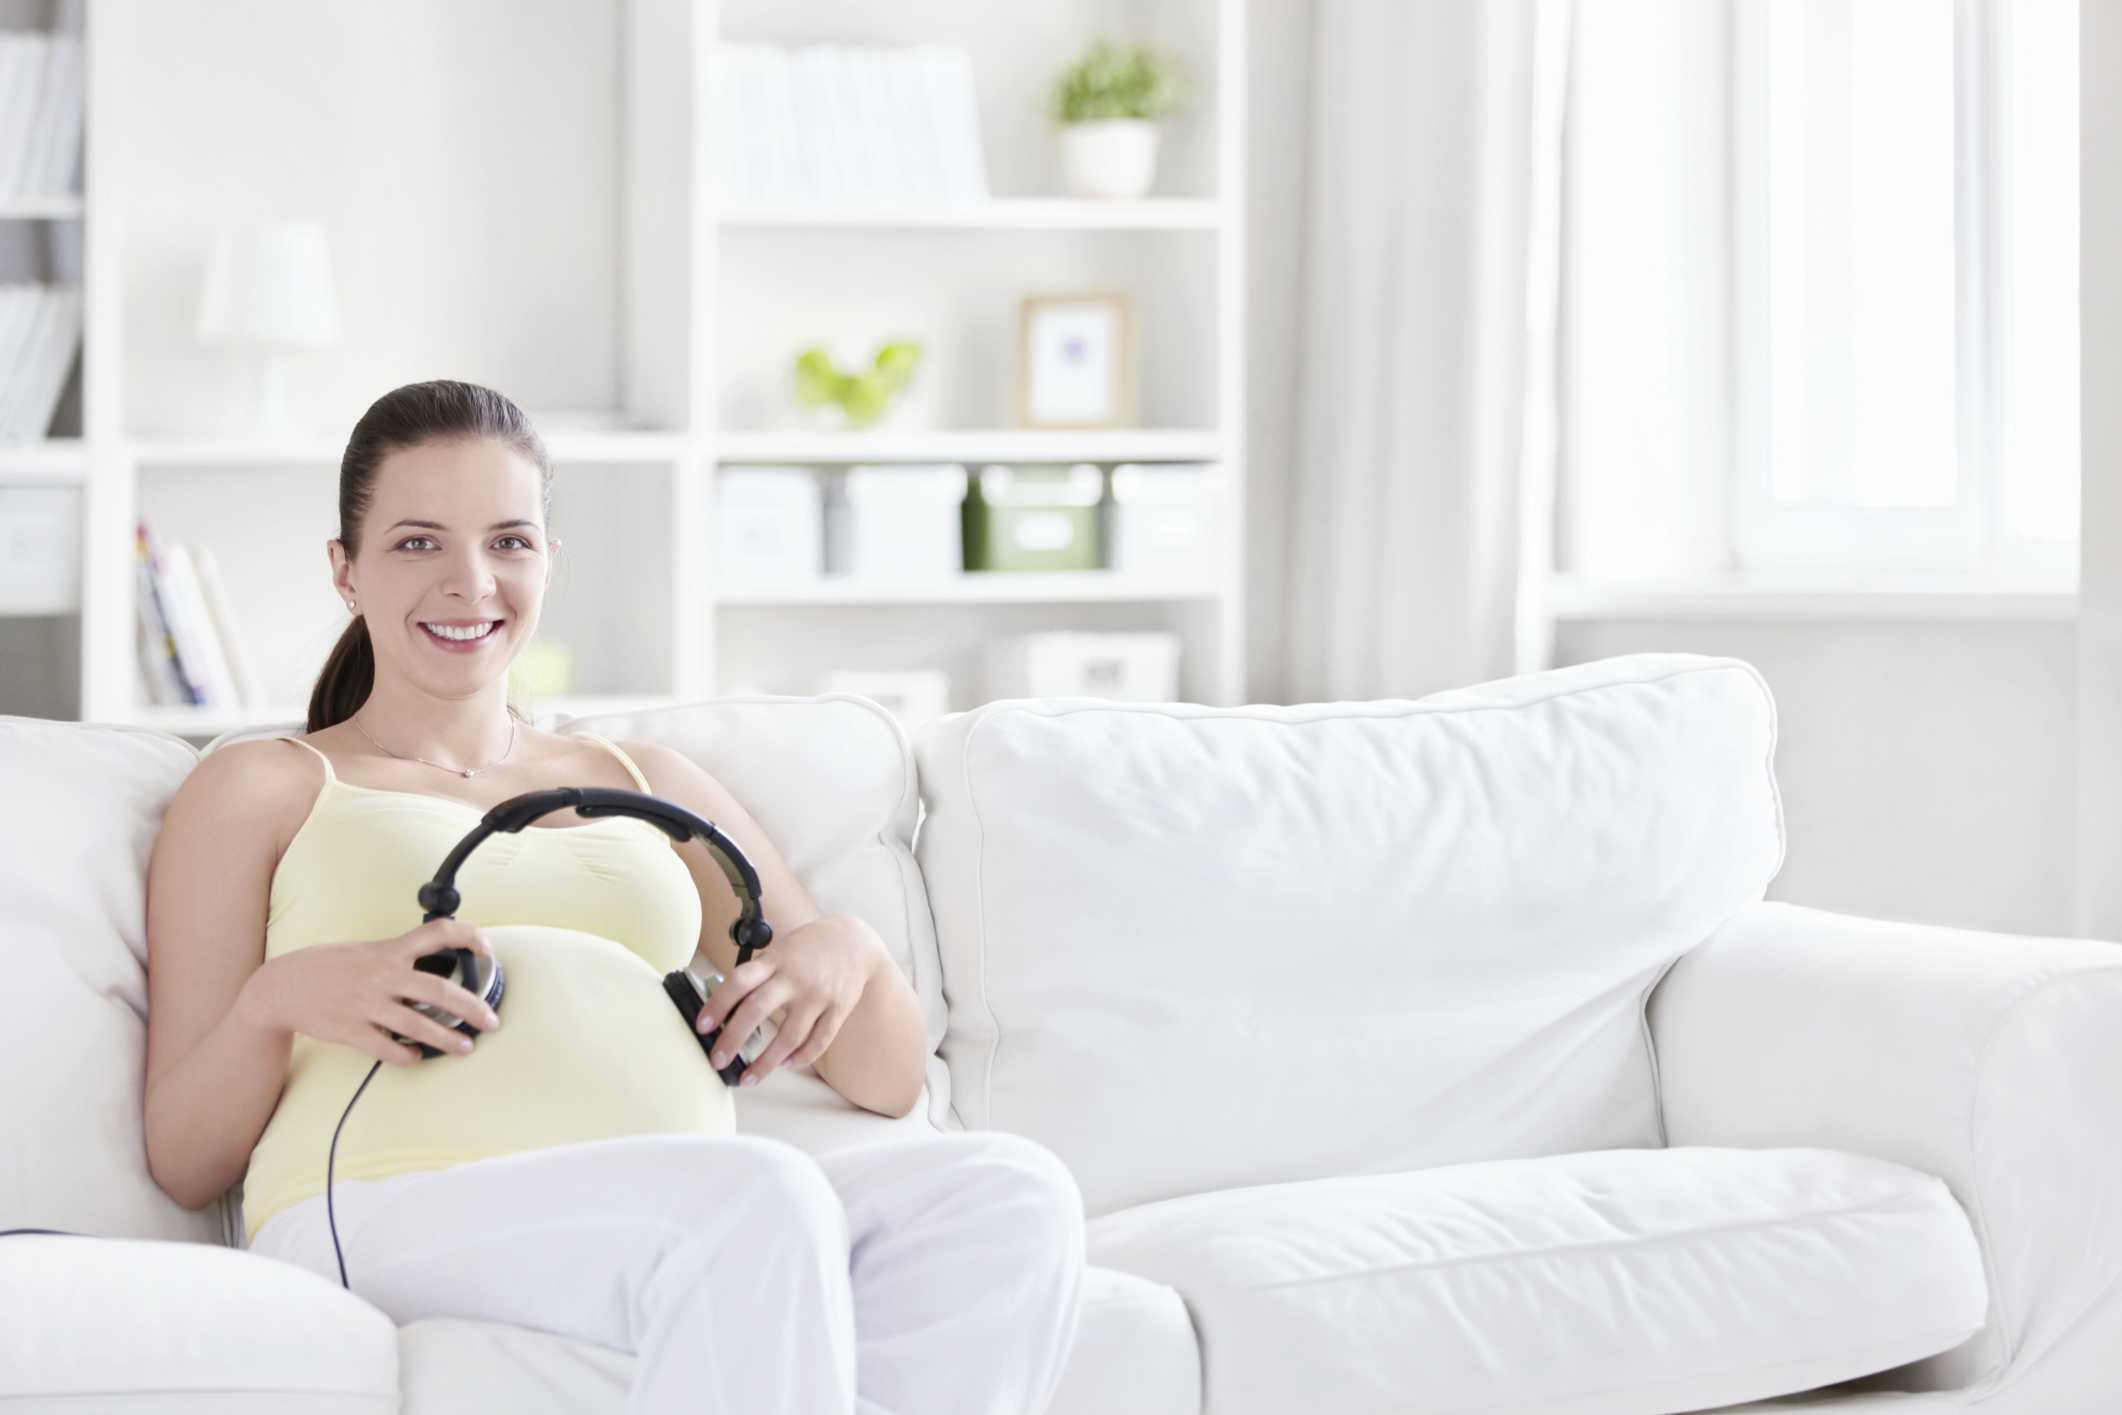 Những dấu hiệu giúp mẹ biết được thai nhi đang phát triển khỏe mạnh